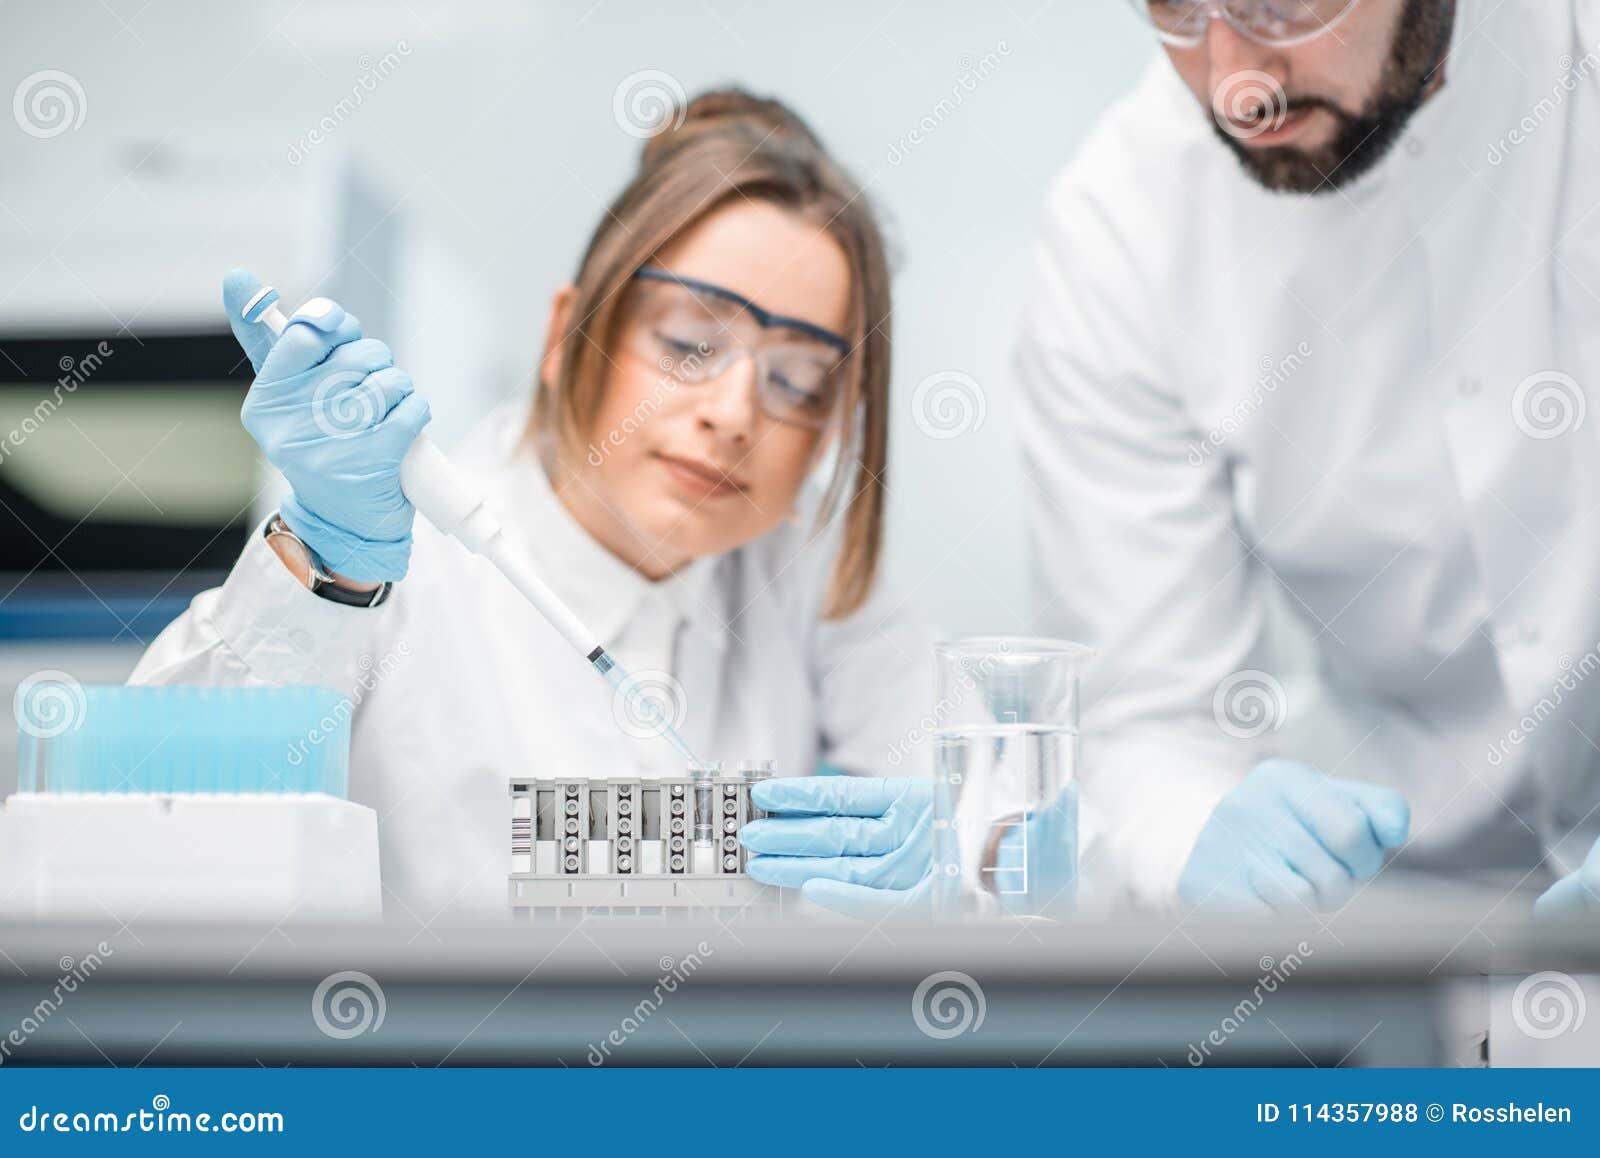 Εργαστηριακοί βοηθοί που εργάζονται στο ιατρικό εργαστήριο